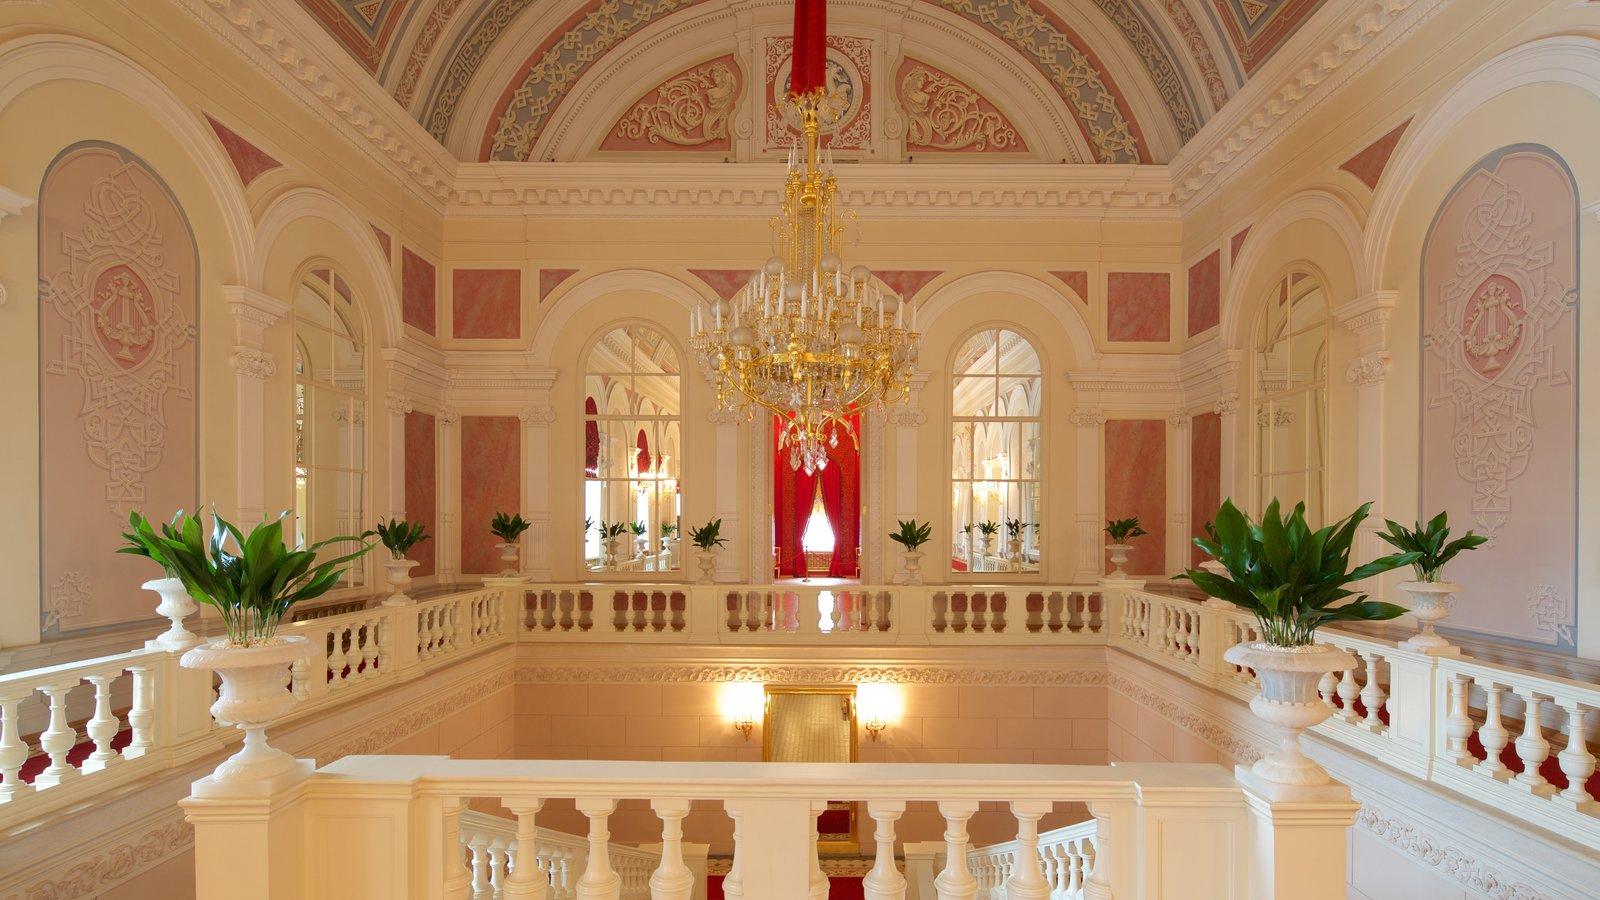 Teatro Bolshoi caracterizando vistas internas e arquitetura de patrimônio